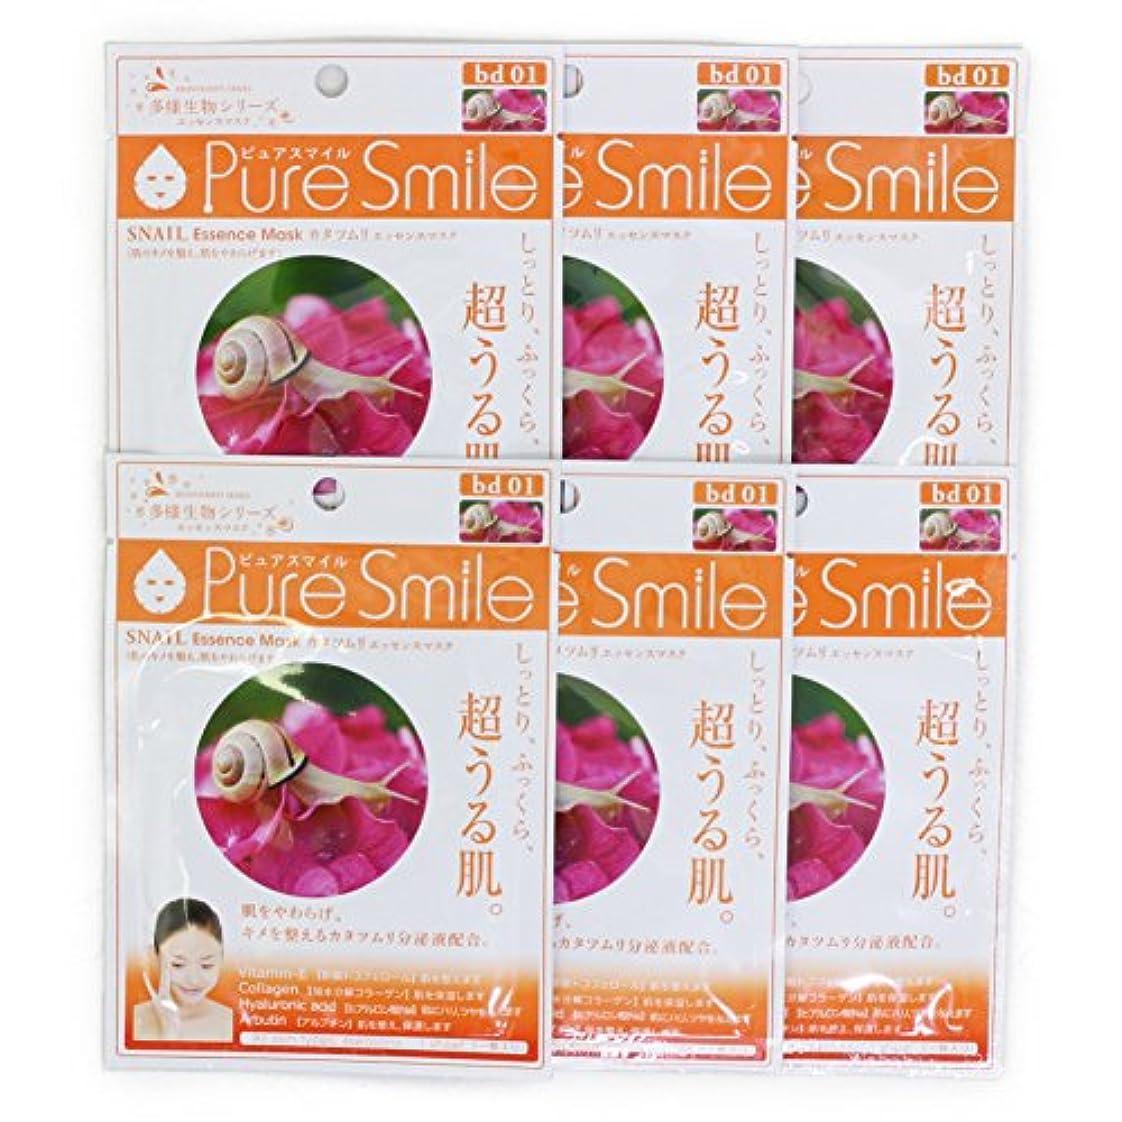 クリーク質量十一Pure Smile ピュアスマイル 多様生物エッセンスマスク カタツムリ 6枚セット